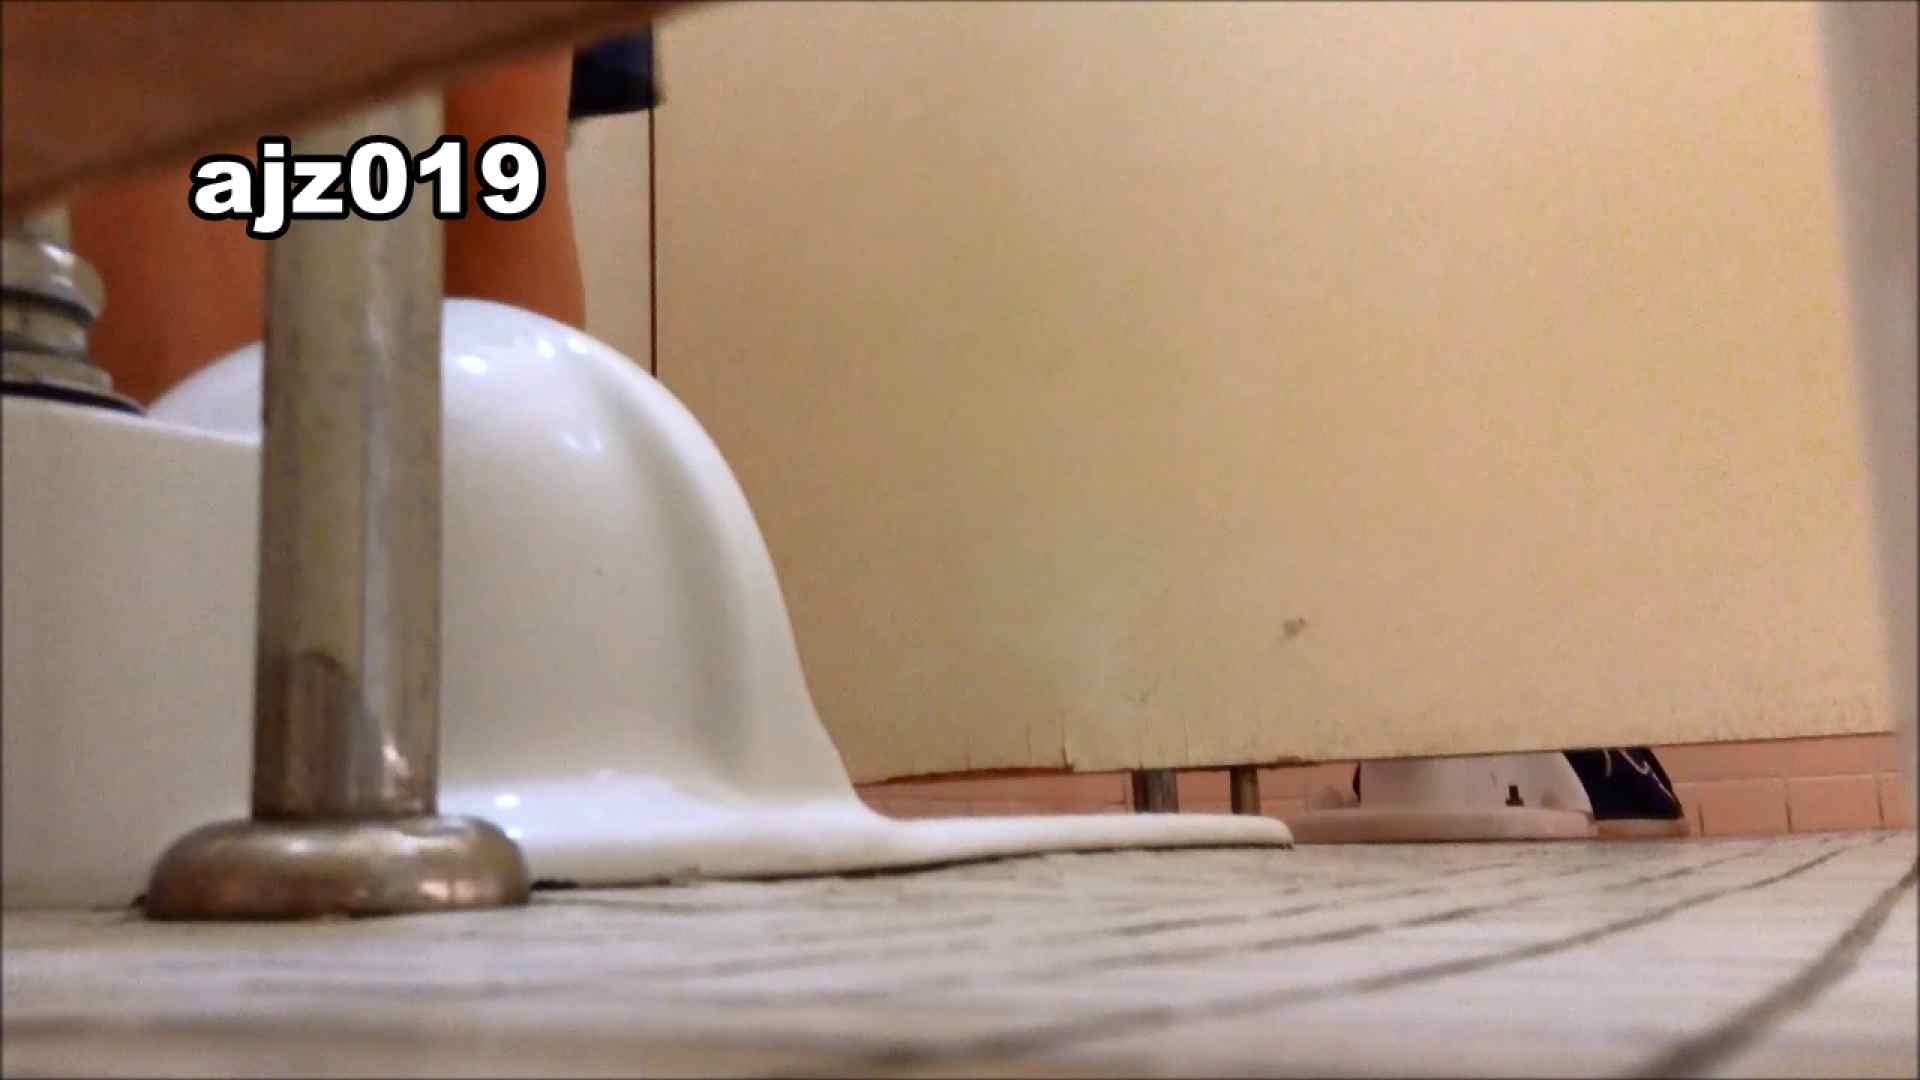 某有名大学女性洗面所 vol.19 洗面所 おまんこ動画流出 64連発 3